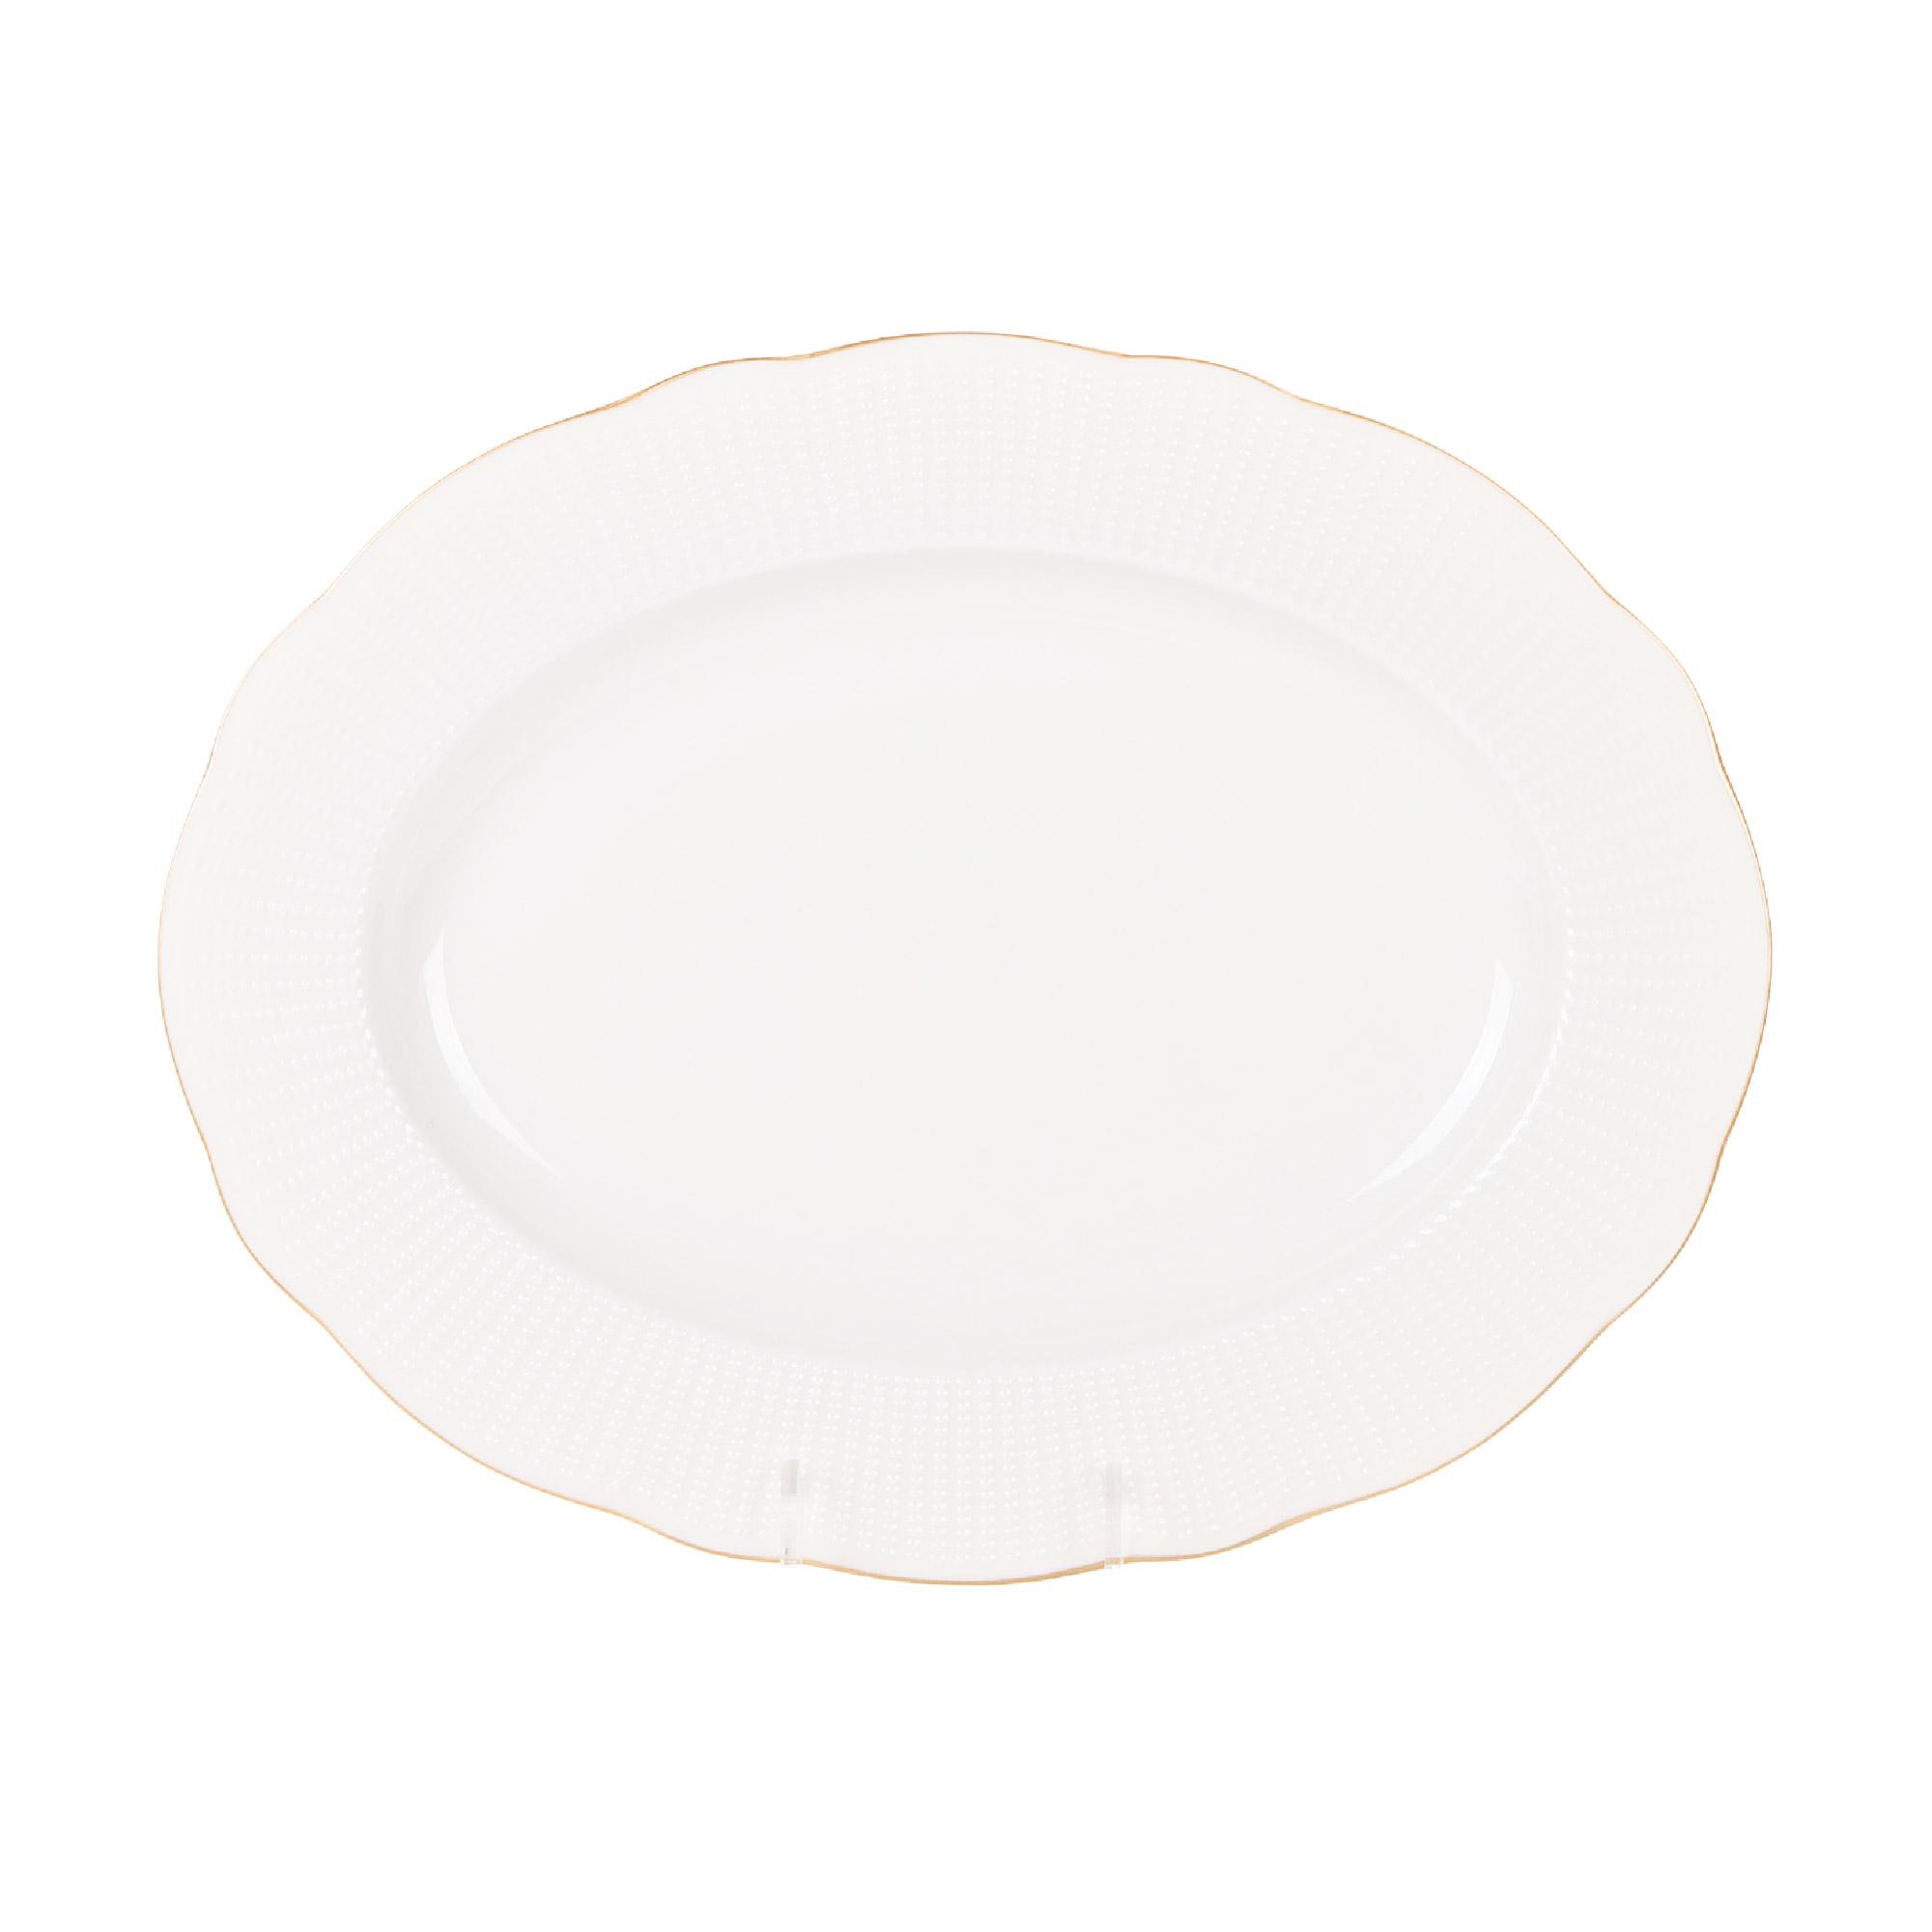 Фото - Блюдо овальное 28 см, Kutahya Porselen ilay отводка золото блюдо овальное газания 28 см prt bg06600 x 20 portmeirion